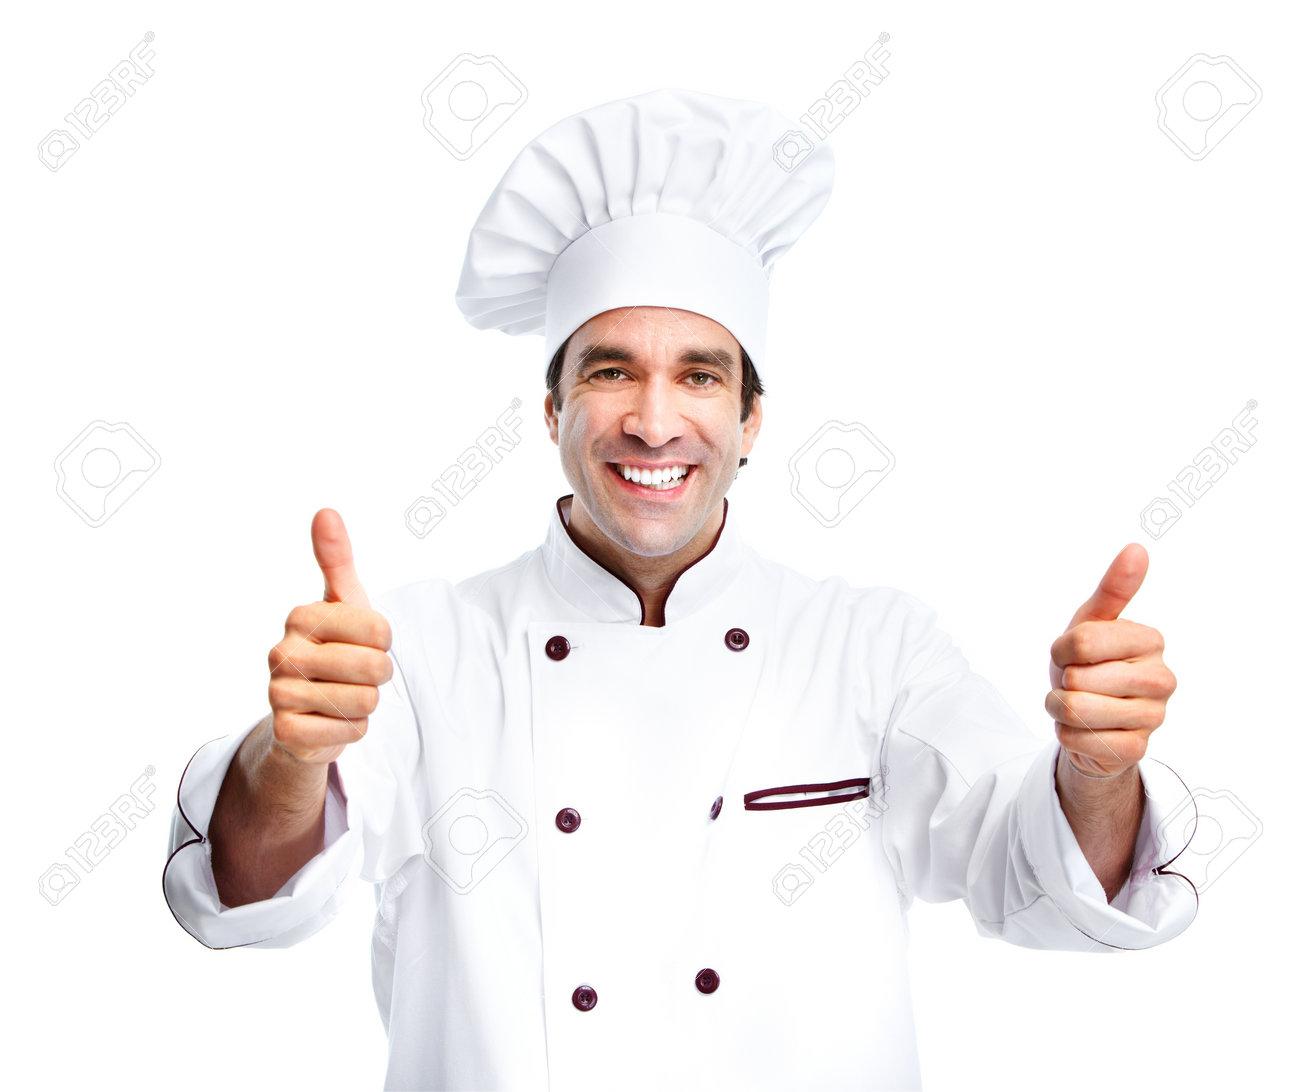 Chef Emma v2.3 [Mod] Immagini